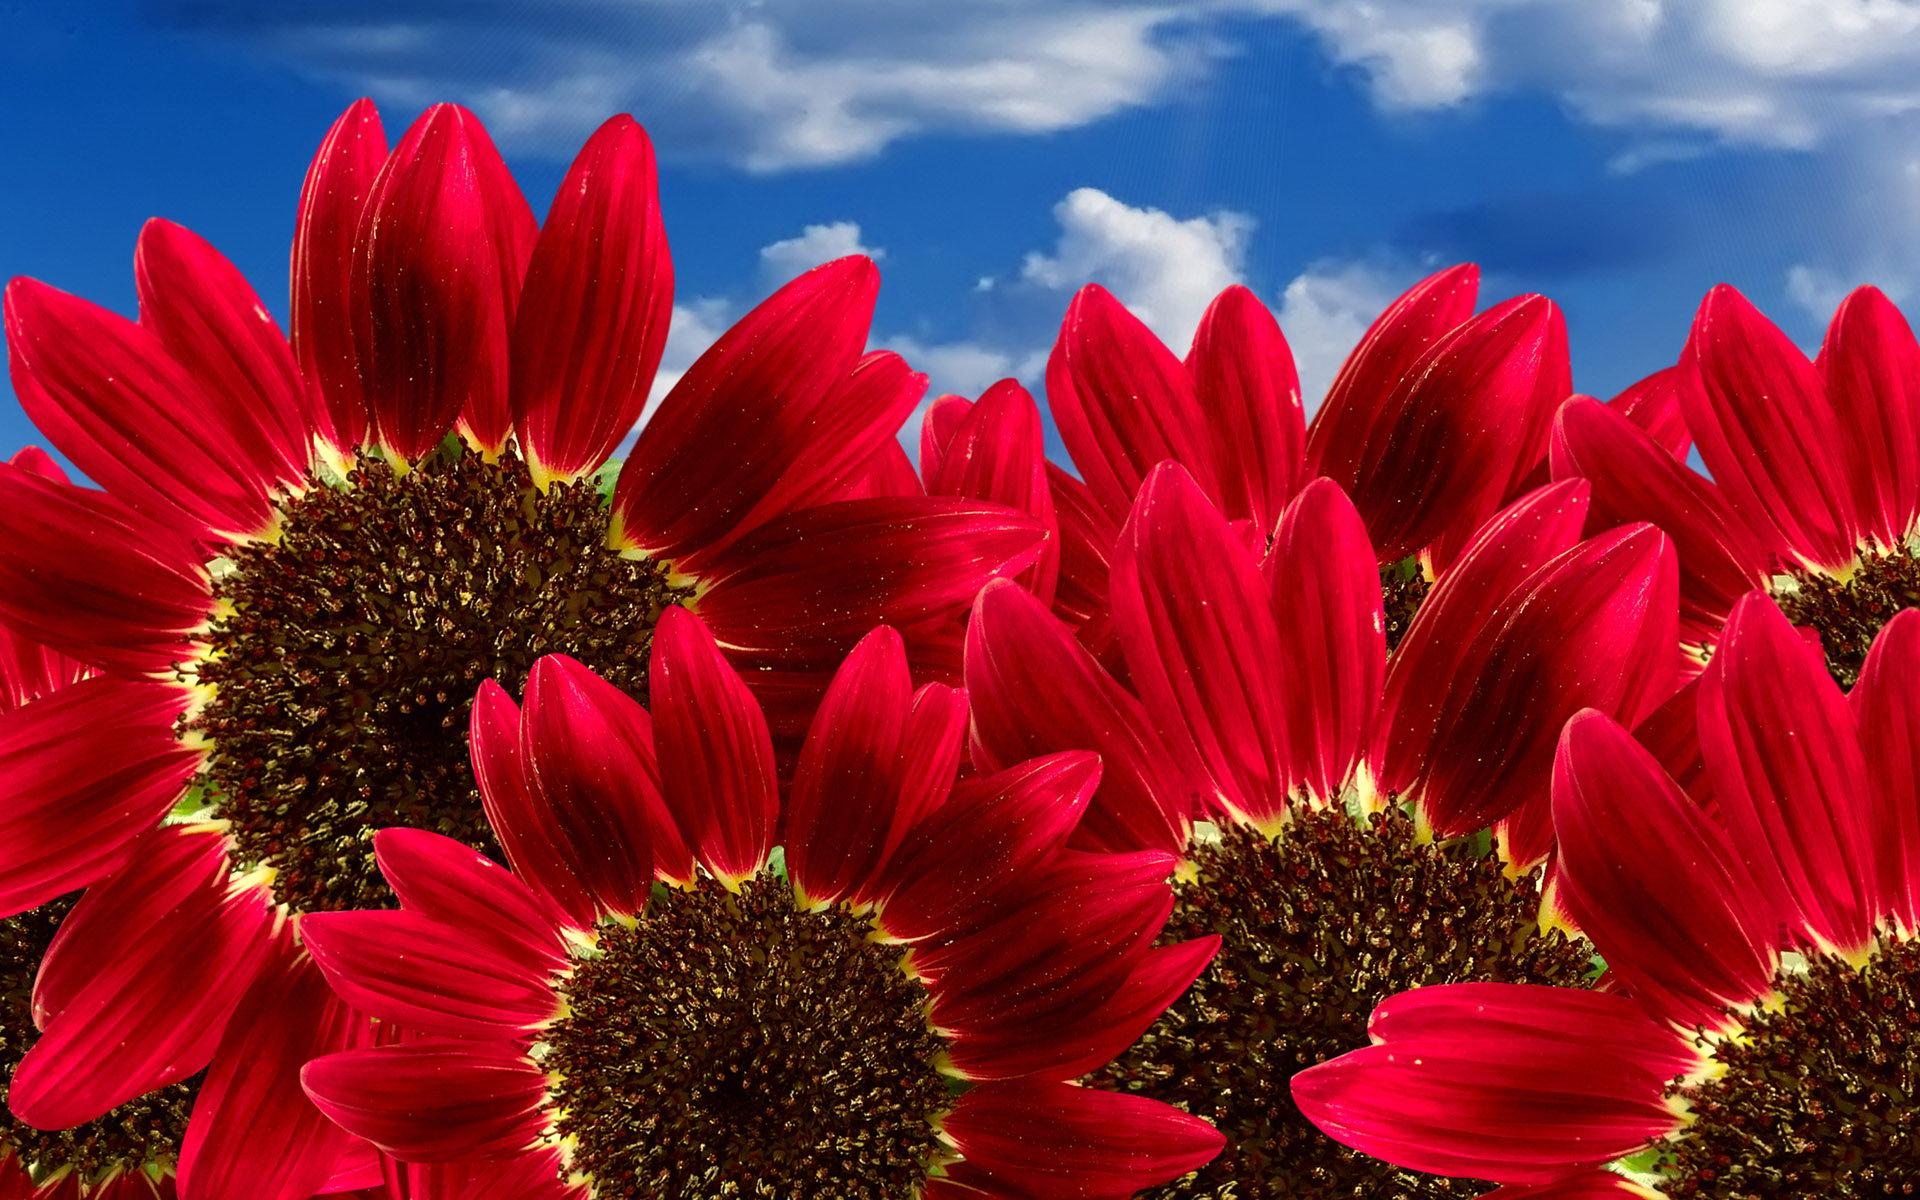 Sfondi hd fiori per desktop primavera sfondi hd gratis for Sfondi desktop primavera